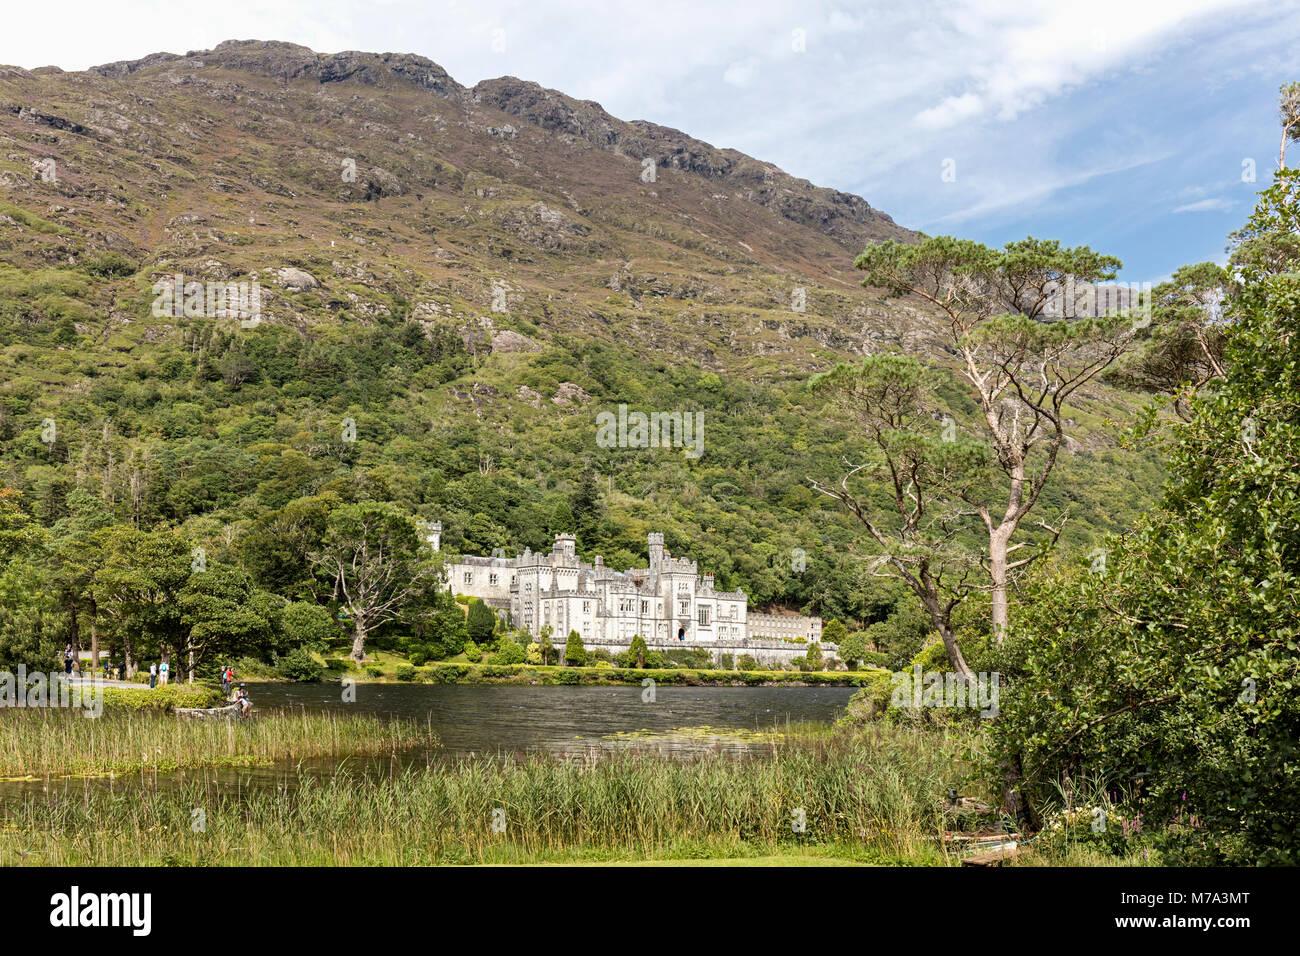 L'Abbaye de Kylemore, dans le comté de Galway, en République d'Irlande. L'Irlande. Ce monastère Photo Stock